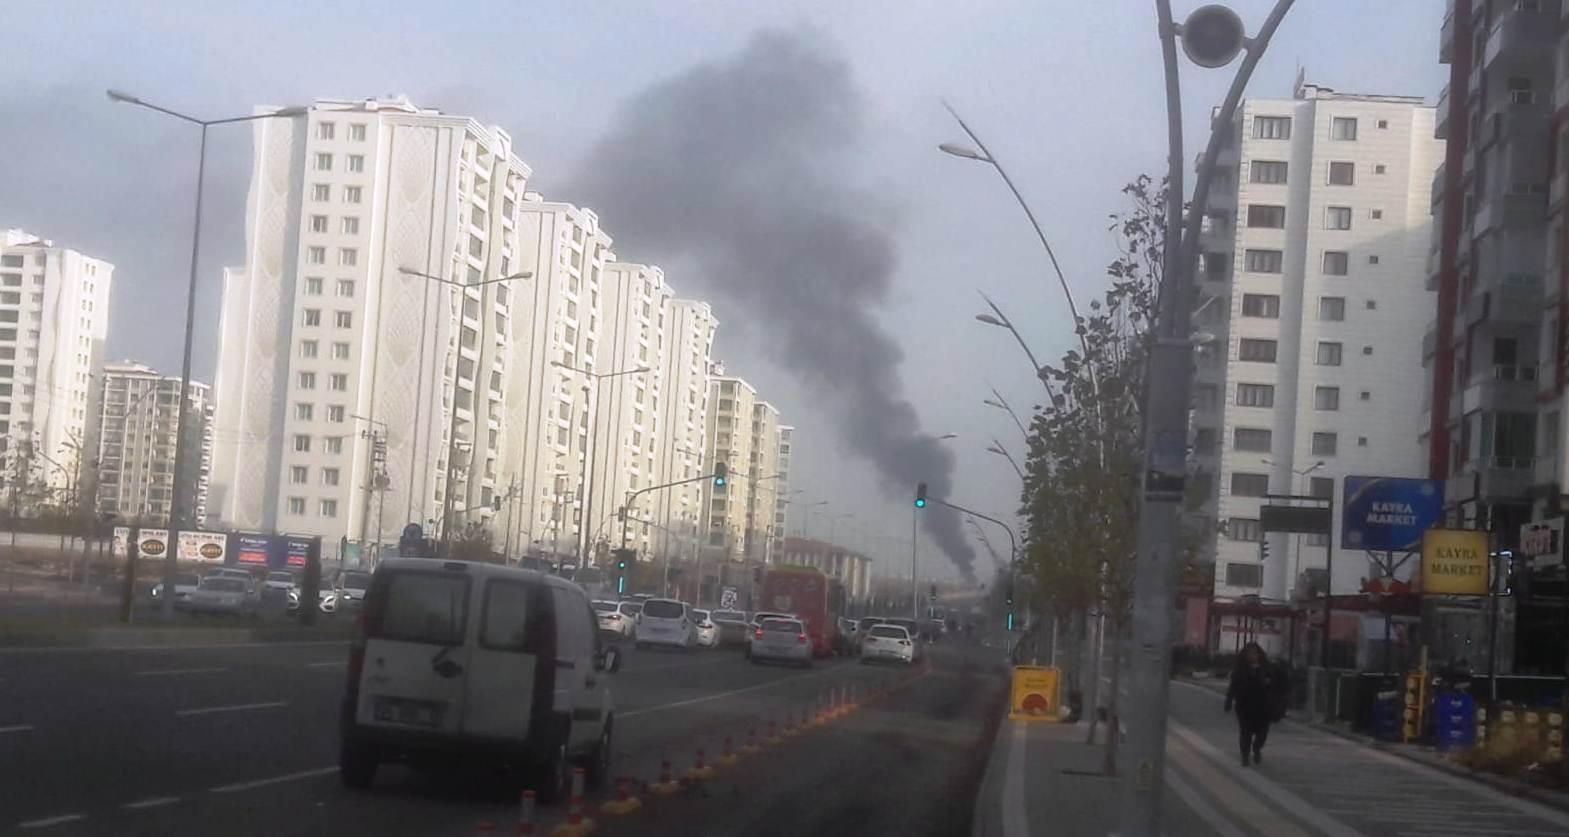 VİDEO-Isınmak için yakılan lastikler hava kirliğine neden oldu